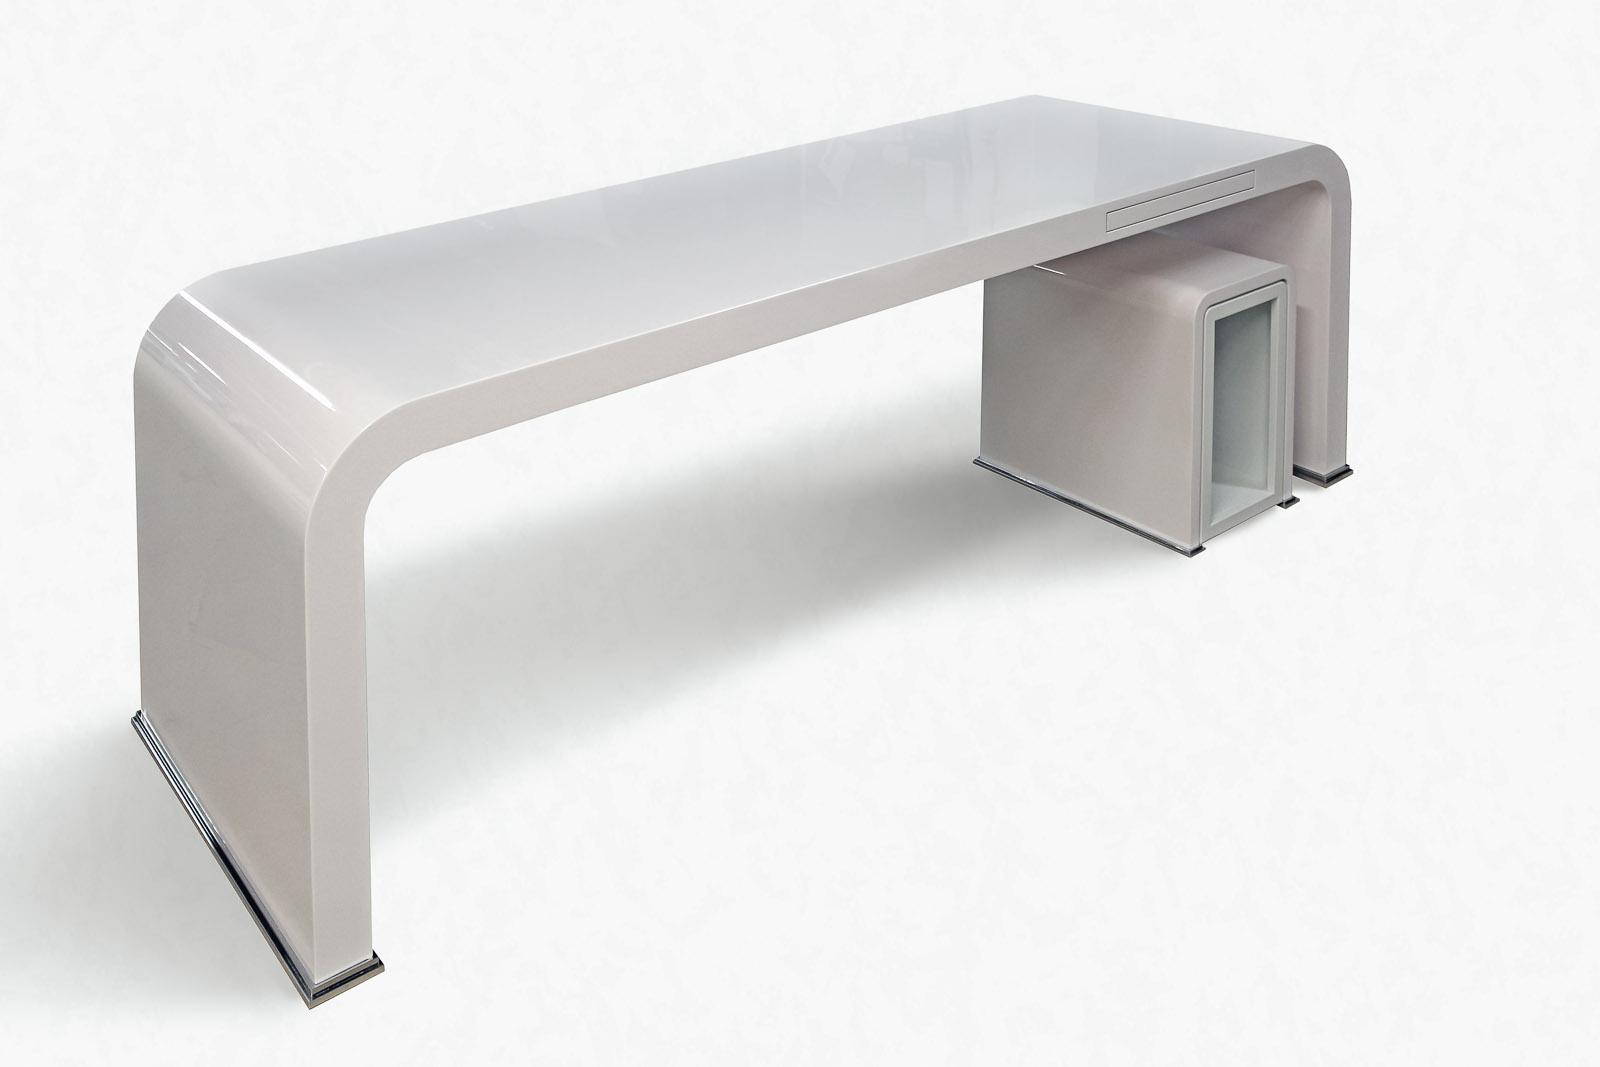 neh schreibtisch tischlerei f r exklusiven m belbau und individuelle ma anfertigungen berlin. Black Bedroom Furniture Sets. Home Design Ideas